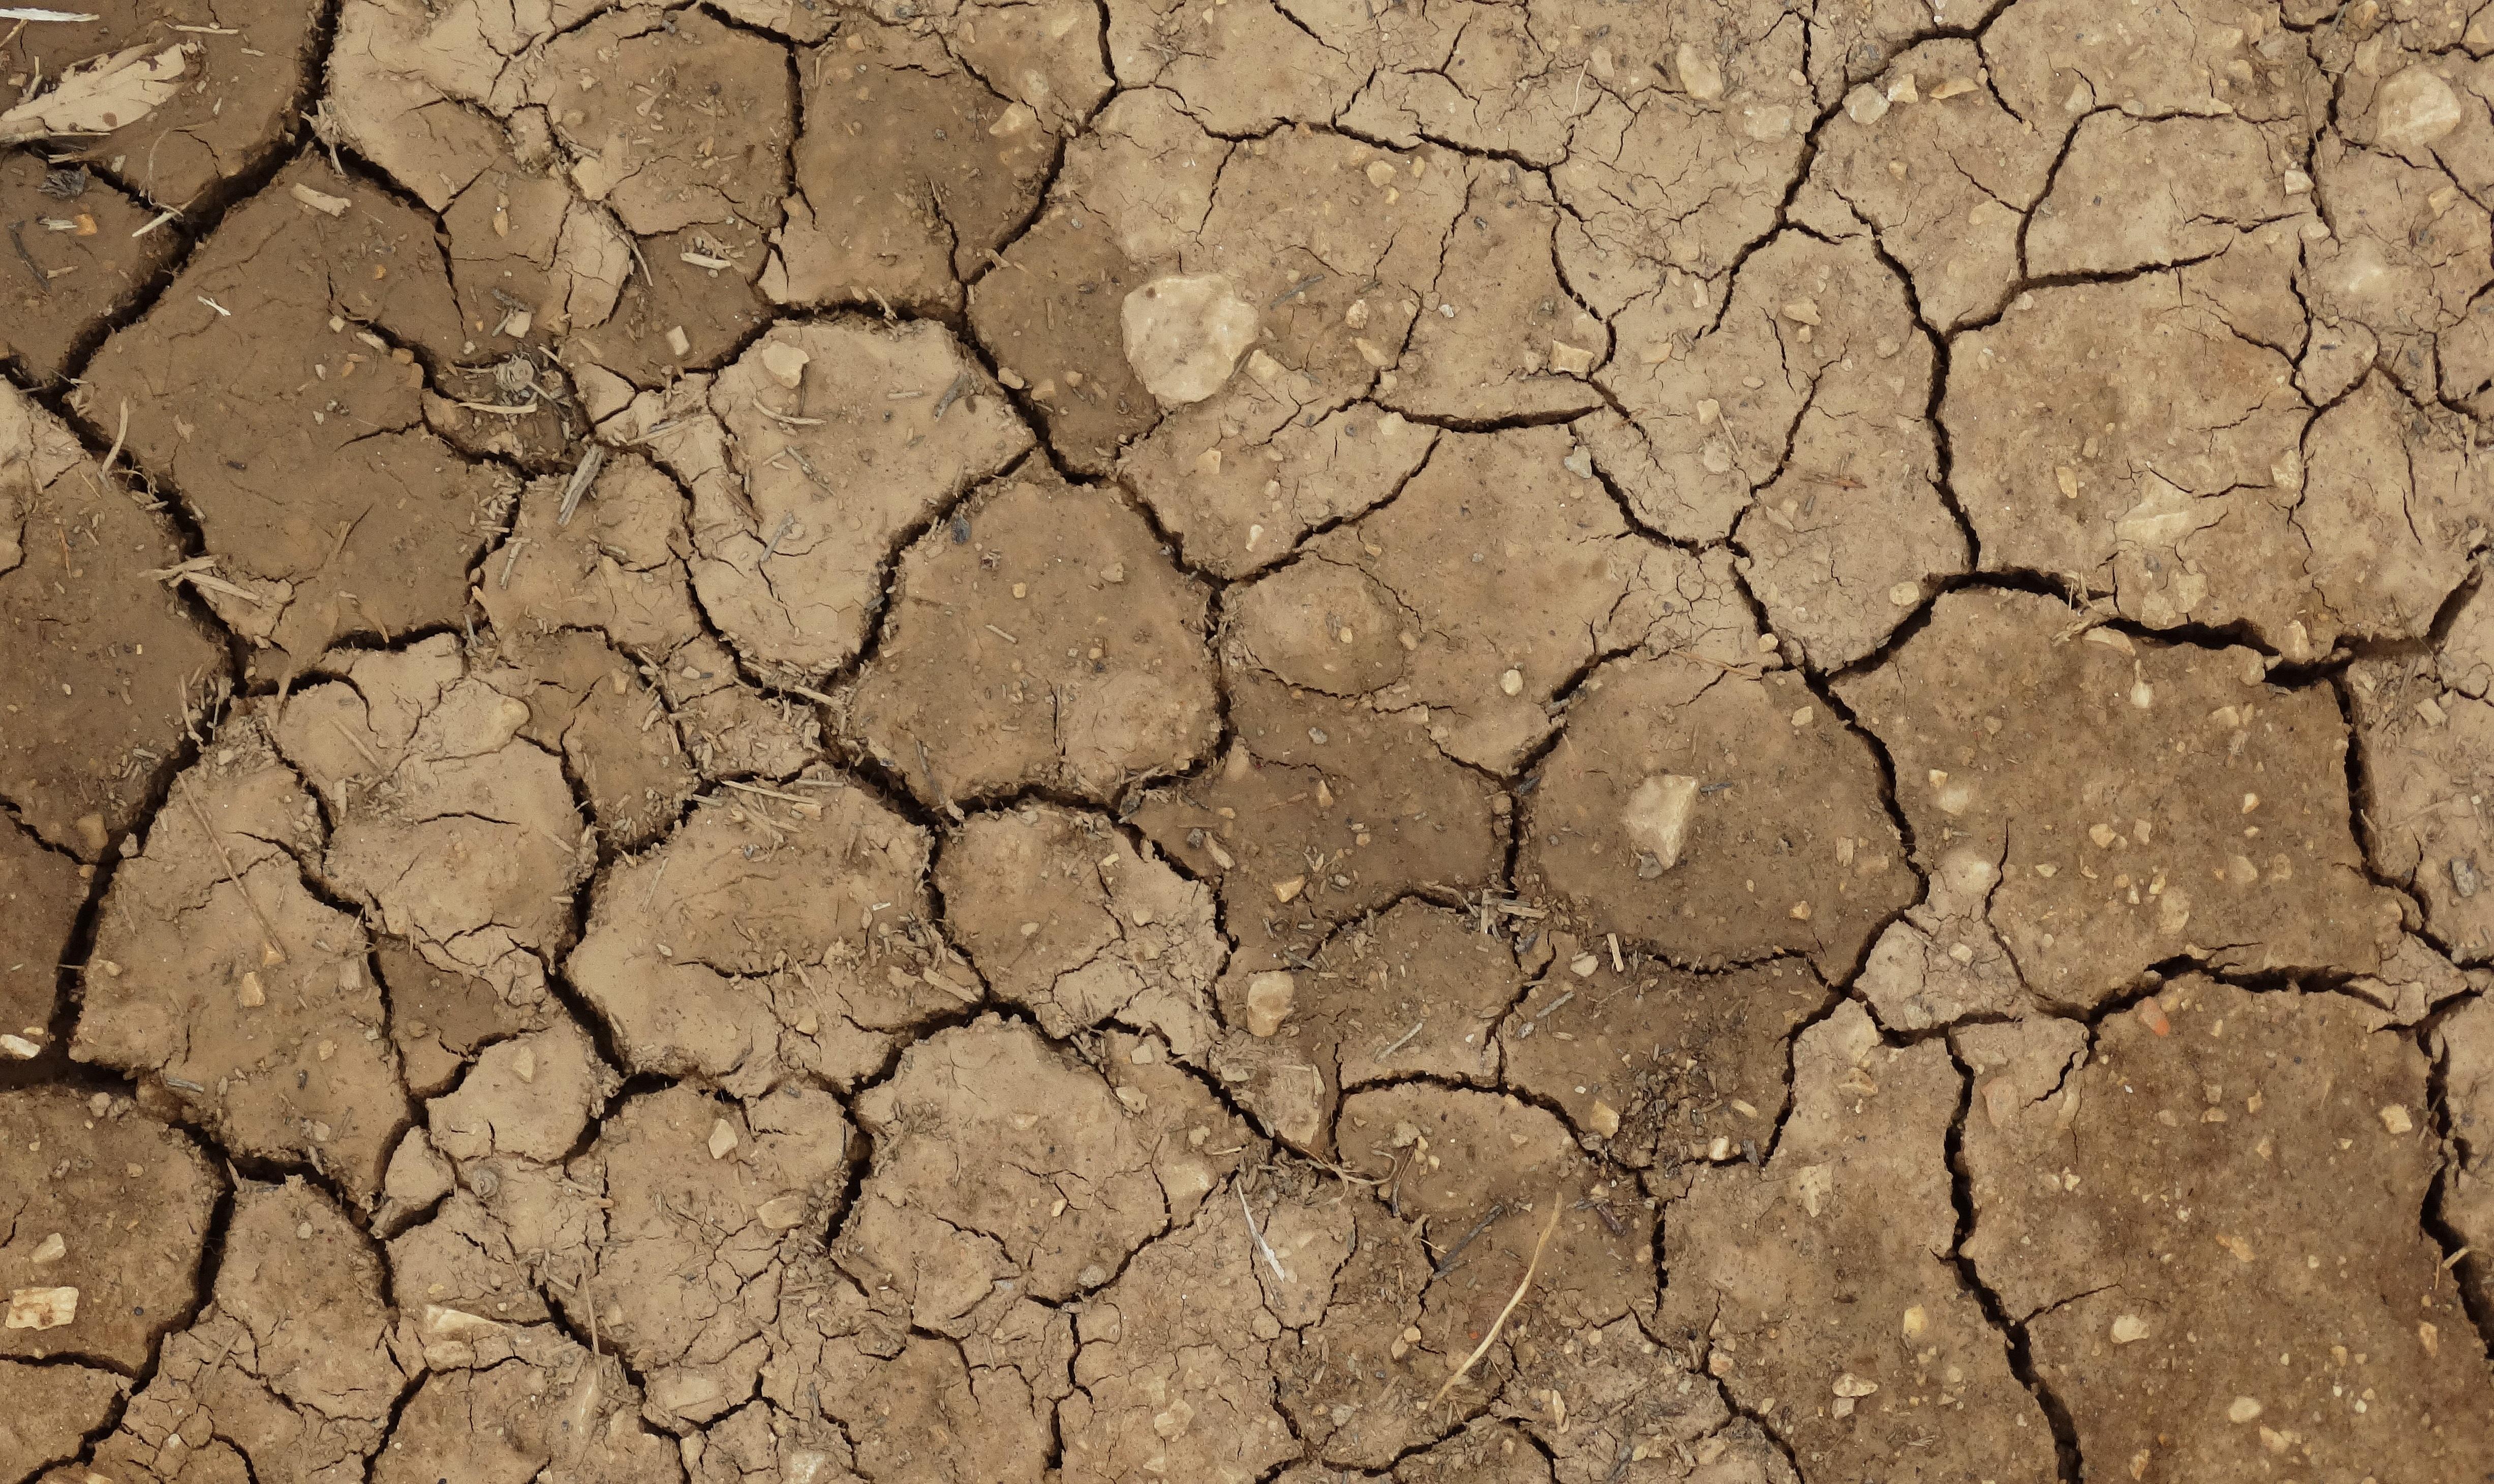 Images Gratuites La Nature Sol Texture Desert Mur Terre Asphalte Salete Seche Surface Terre Climat Catastrophe Secheresse Pays Sec 4907x2920 526703 Banque D Image Gratuite Pxhere